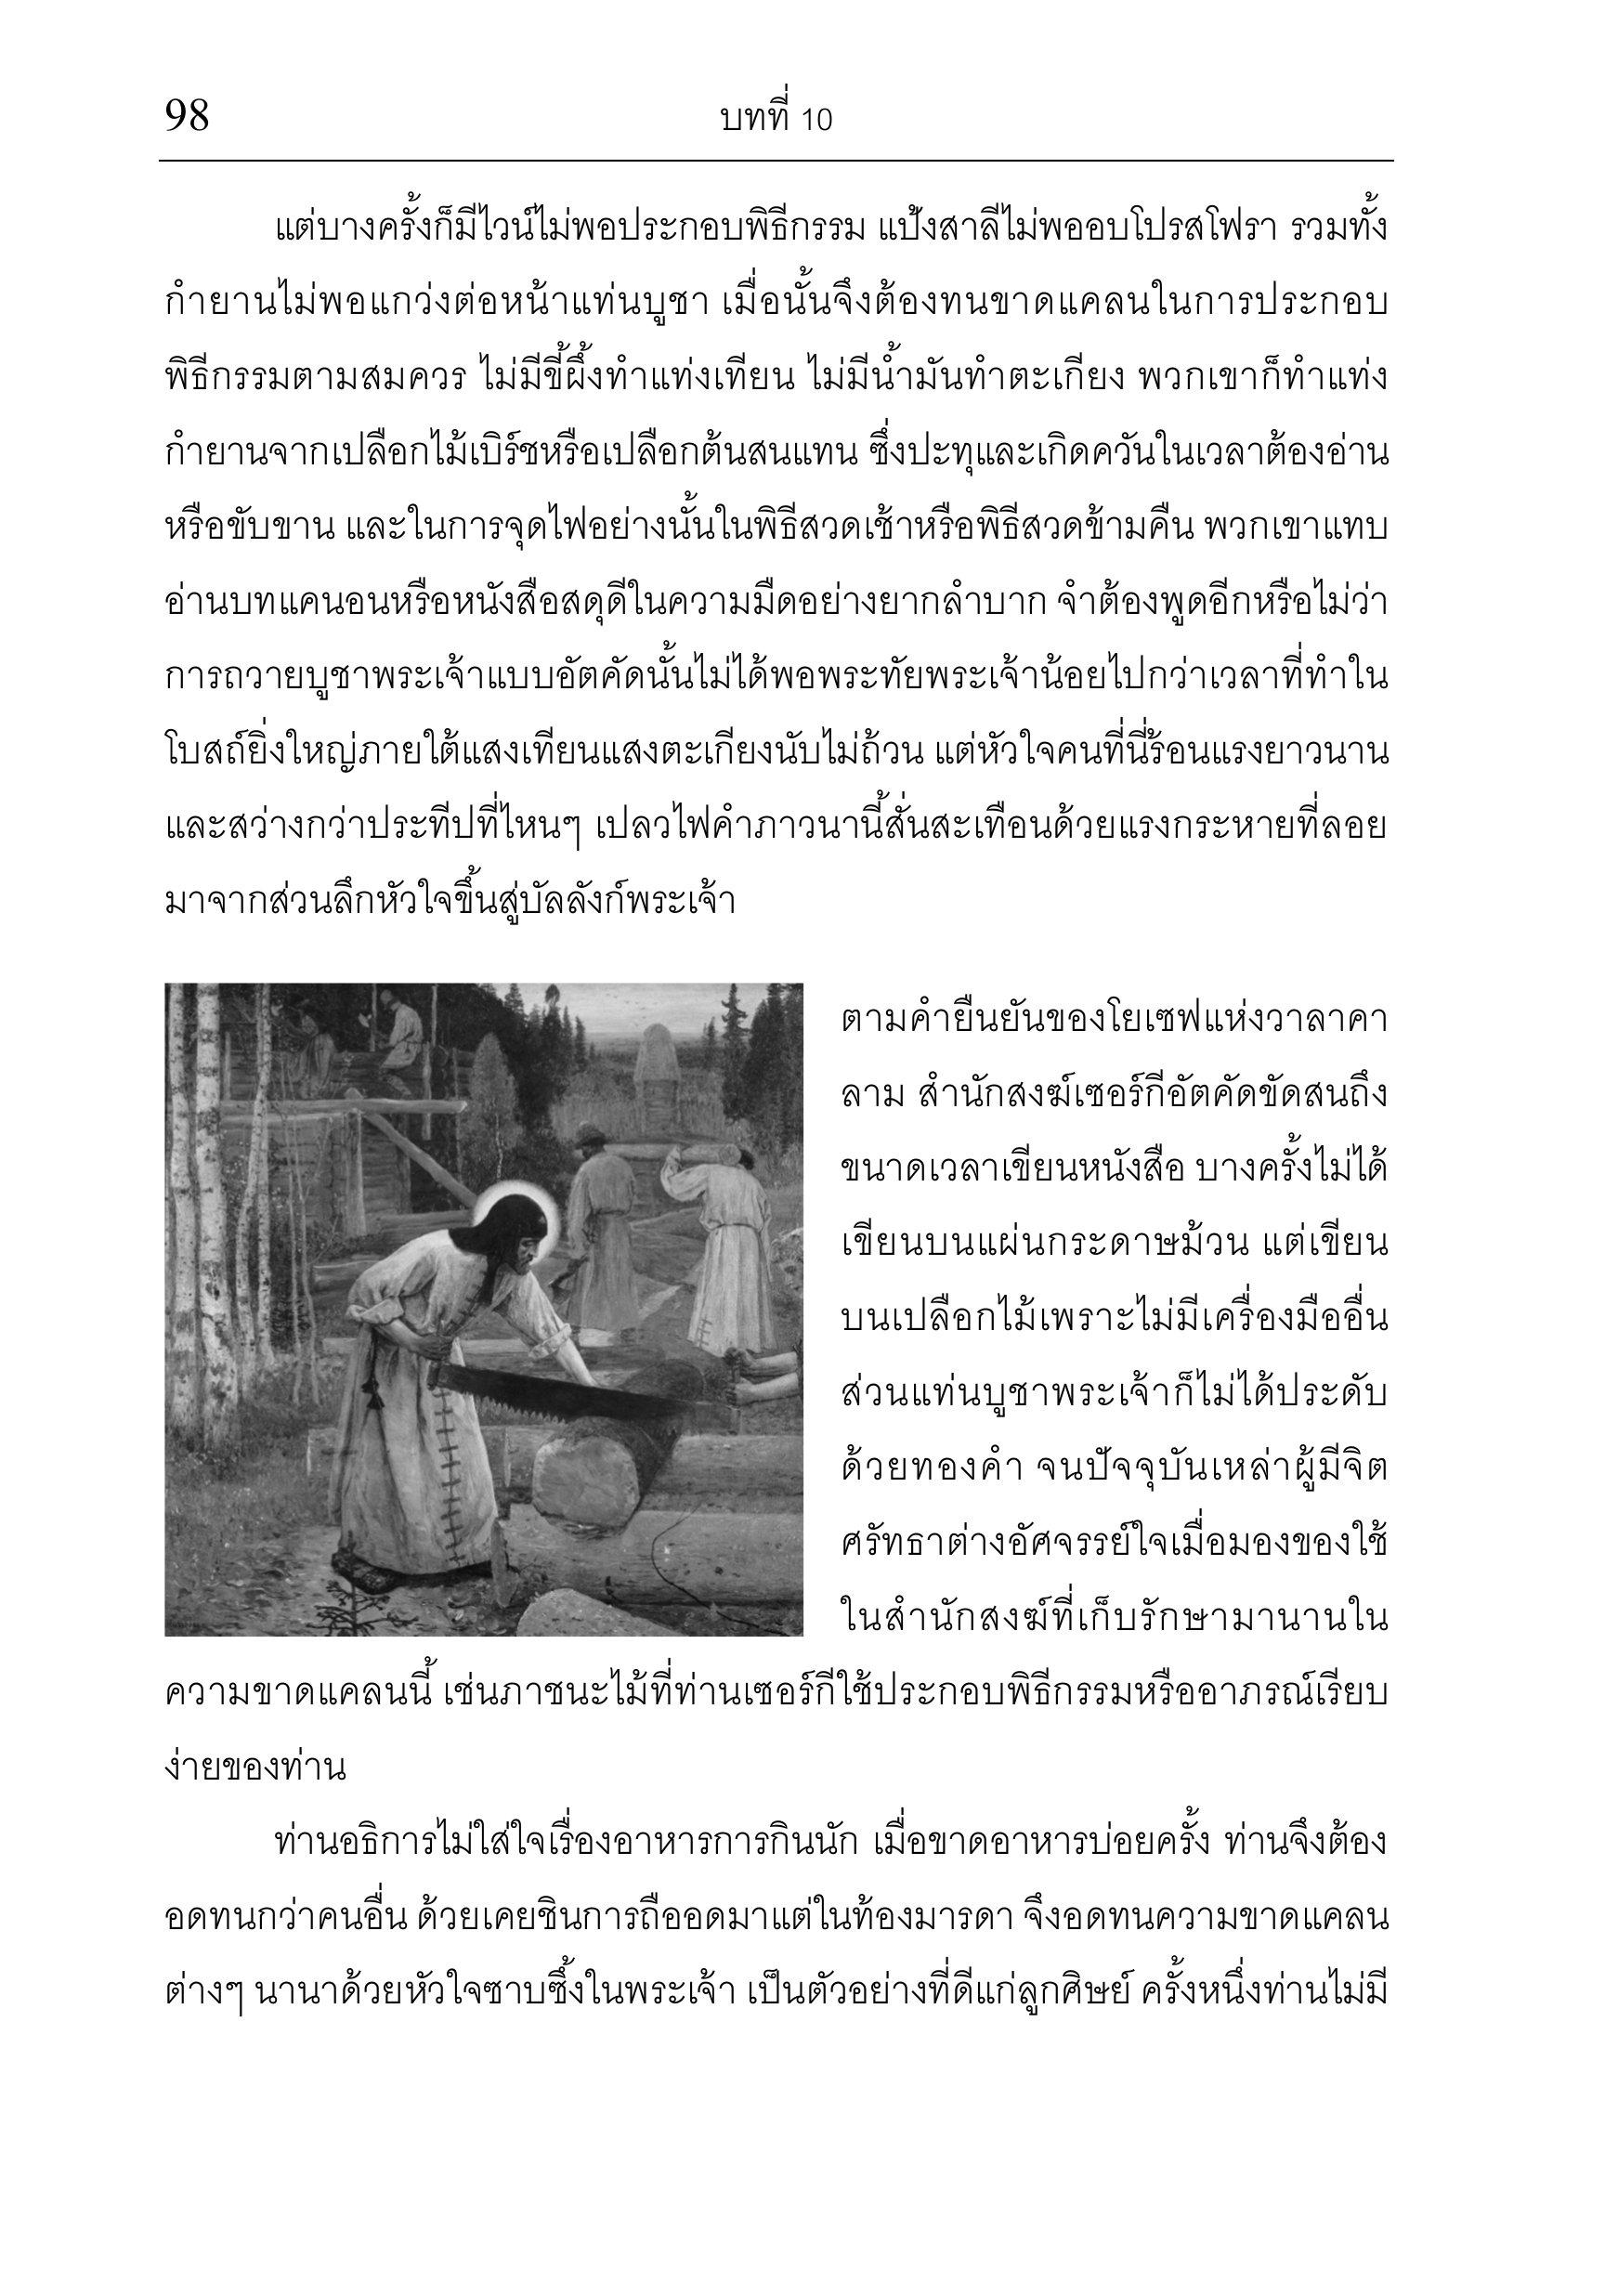 тайский язык официальный сайт